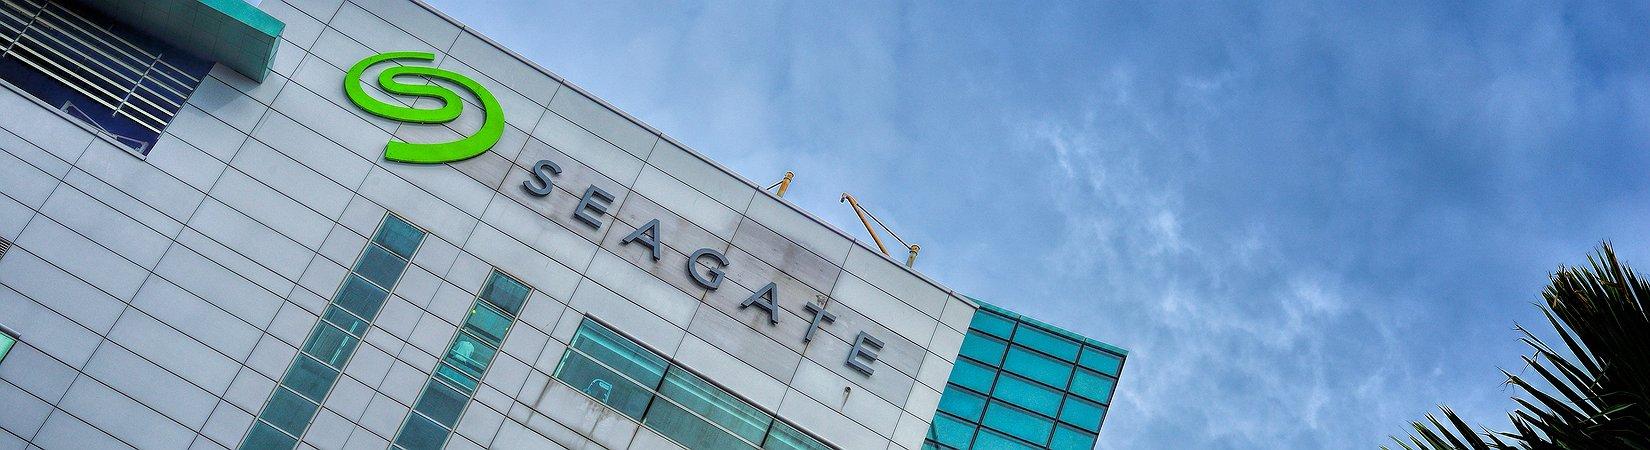 Seagate: Можно ли получать дивиденды на криптовалютах